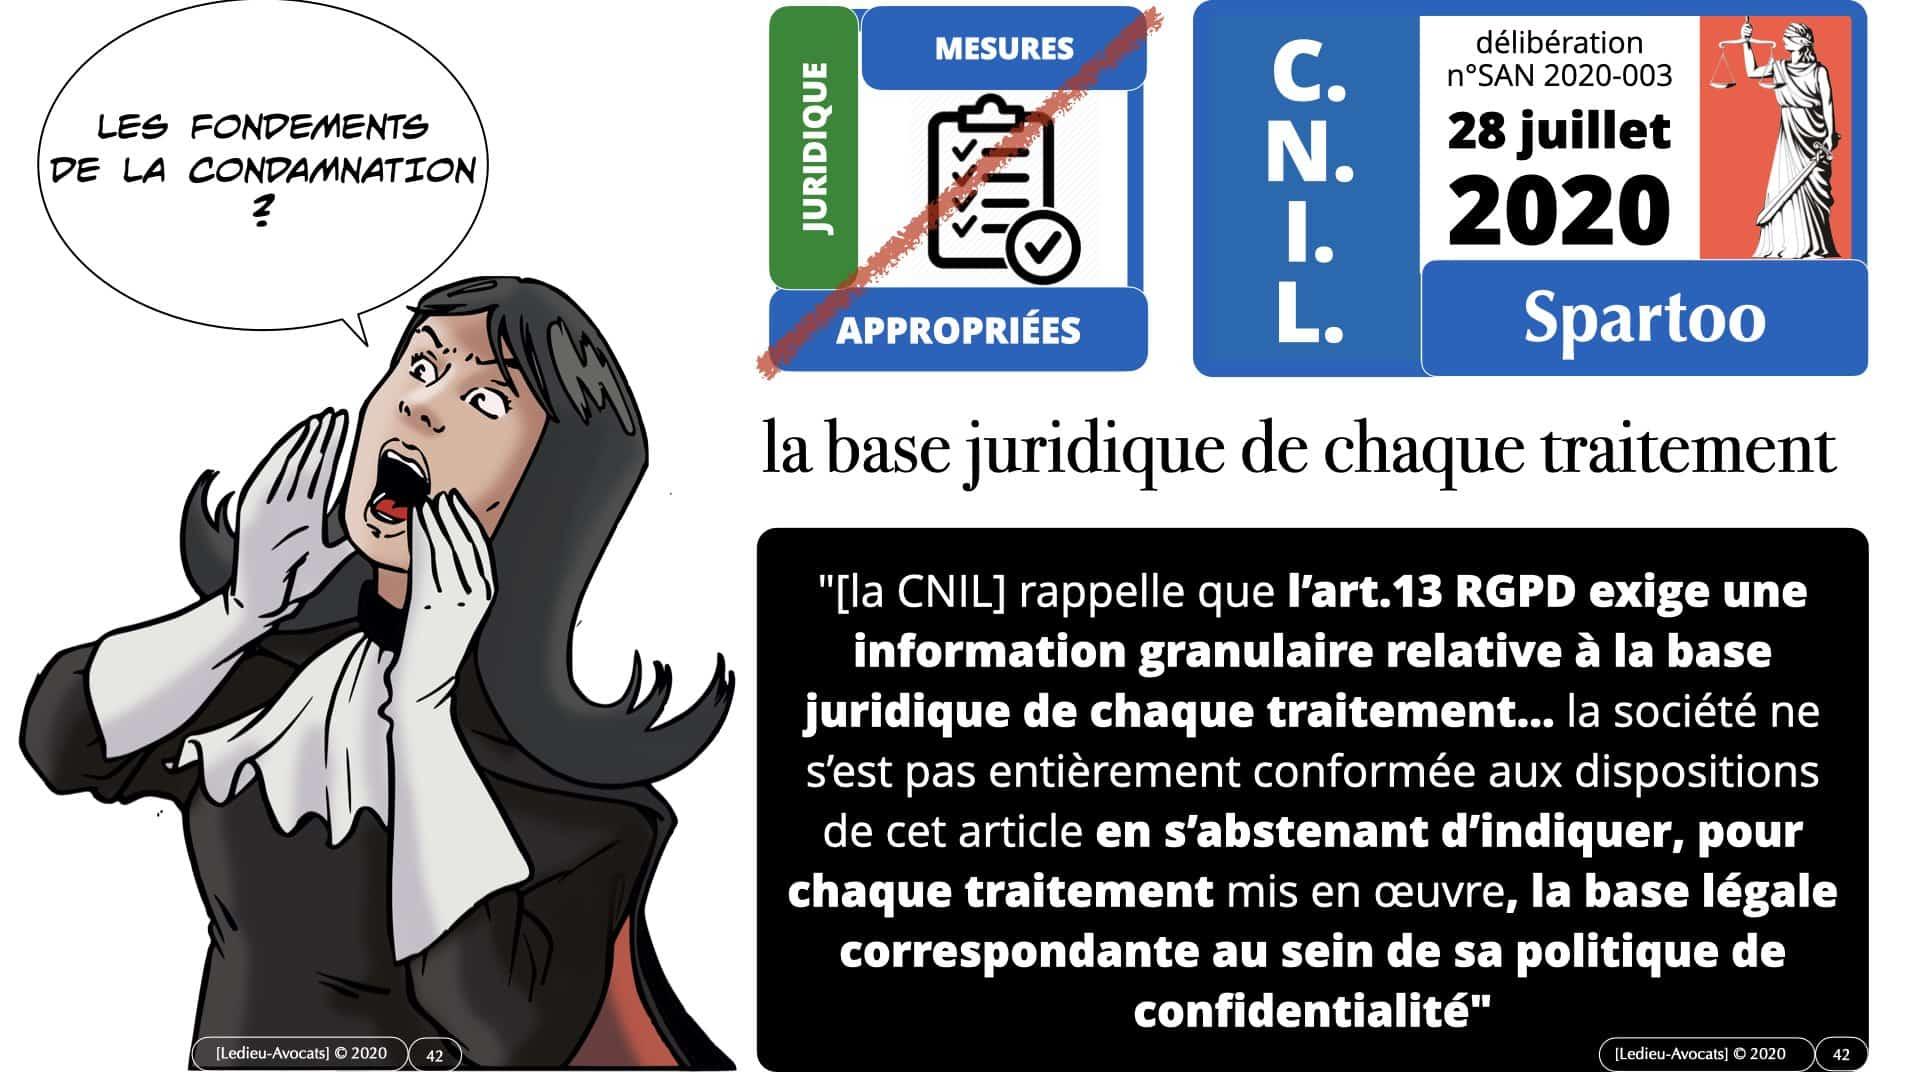 RGPD délibération CNIL Spartoo du 28 juillet 2020 n°SAN 2020-003 *16:9* ©Ledieu-Avocats 19-09-2020.042